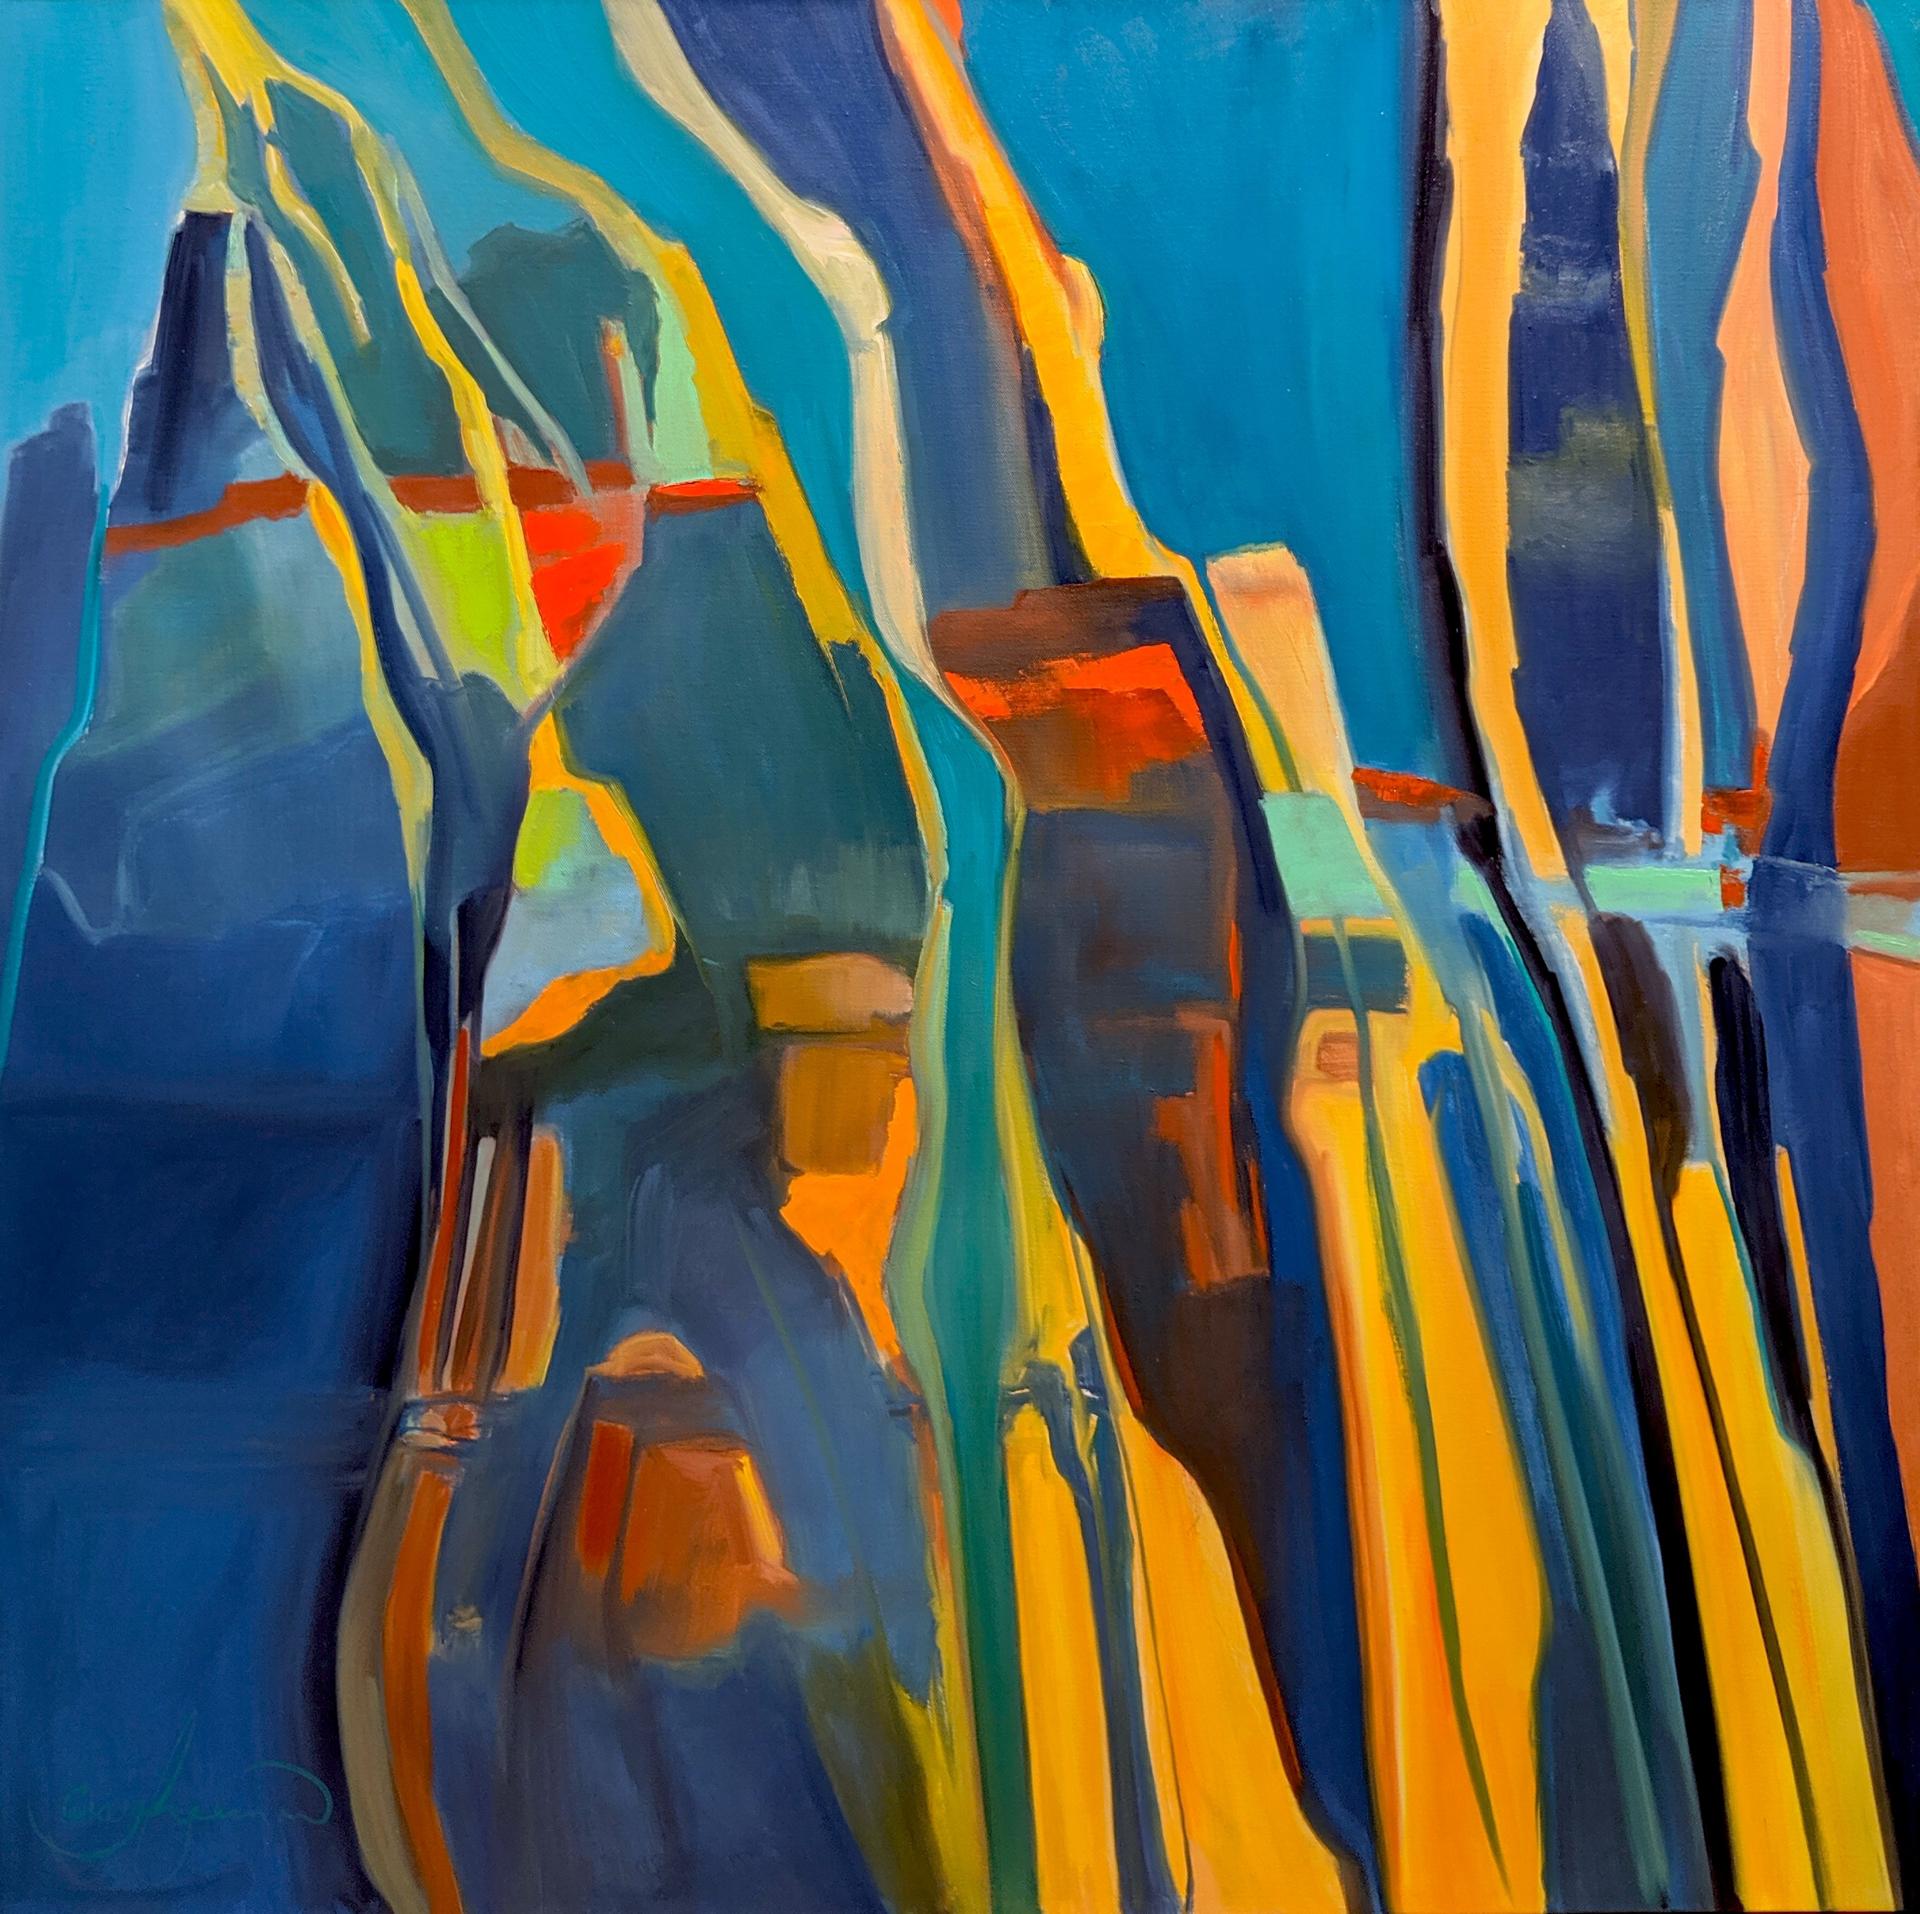 Cascade by Craig Freeman